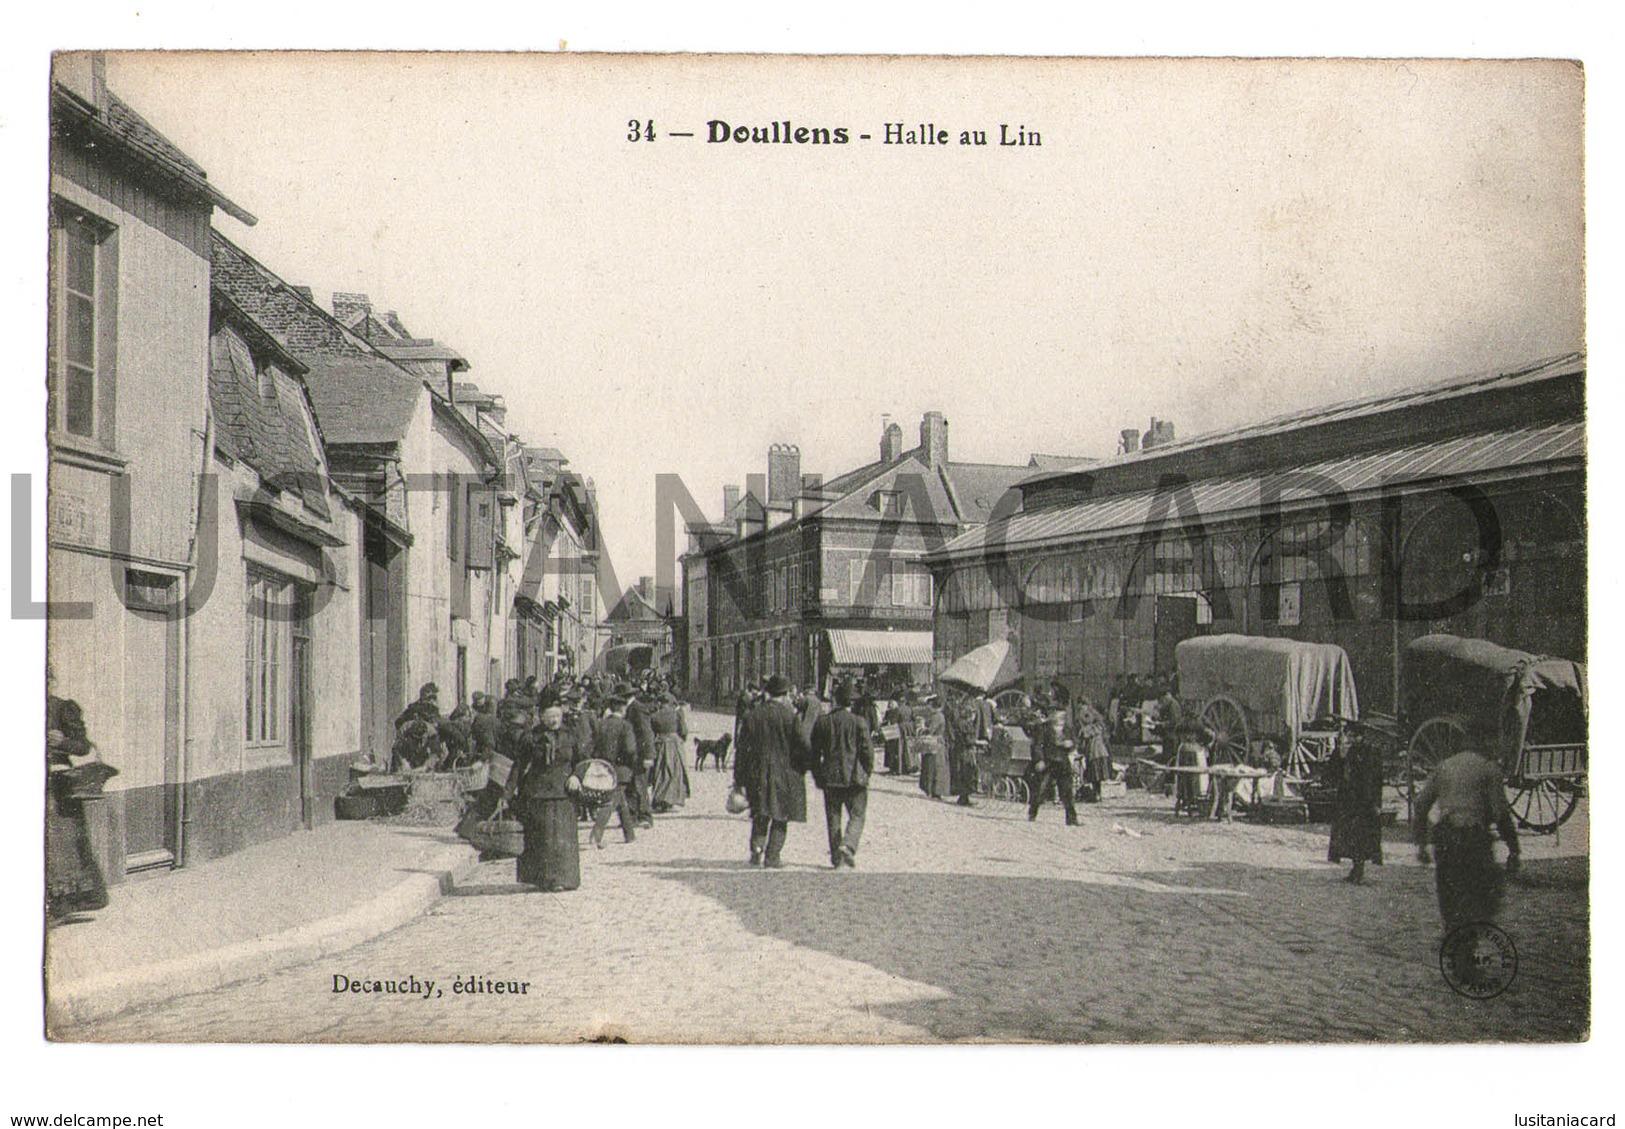 FRANCE - DOULLENS - Halle Au Lin. ( Ed. Decauchy, èditeur Nº 34)  Carte Postale - Halles